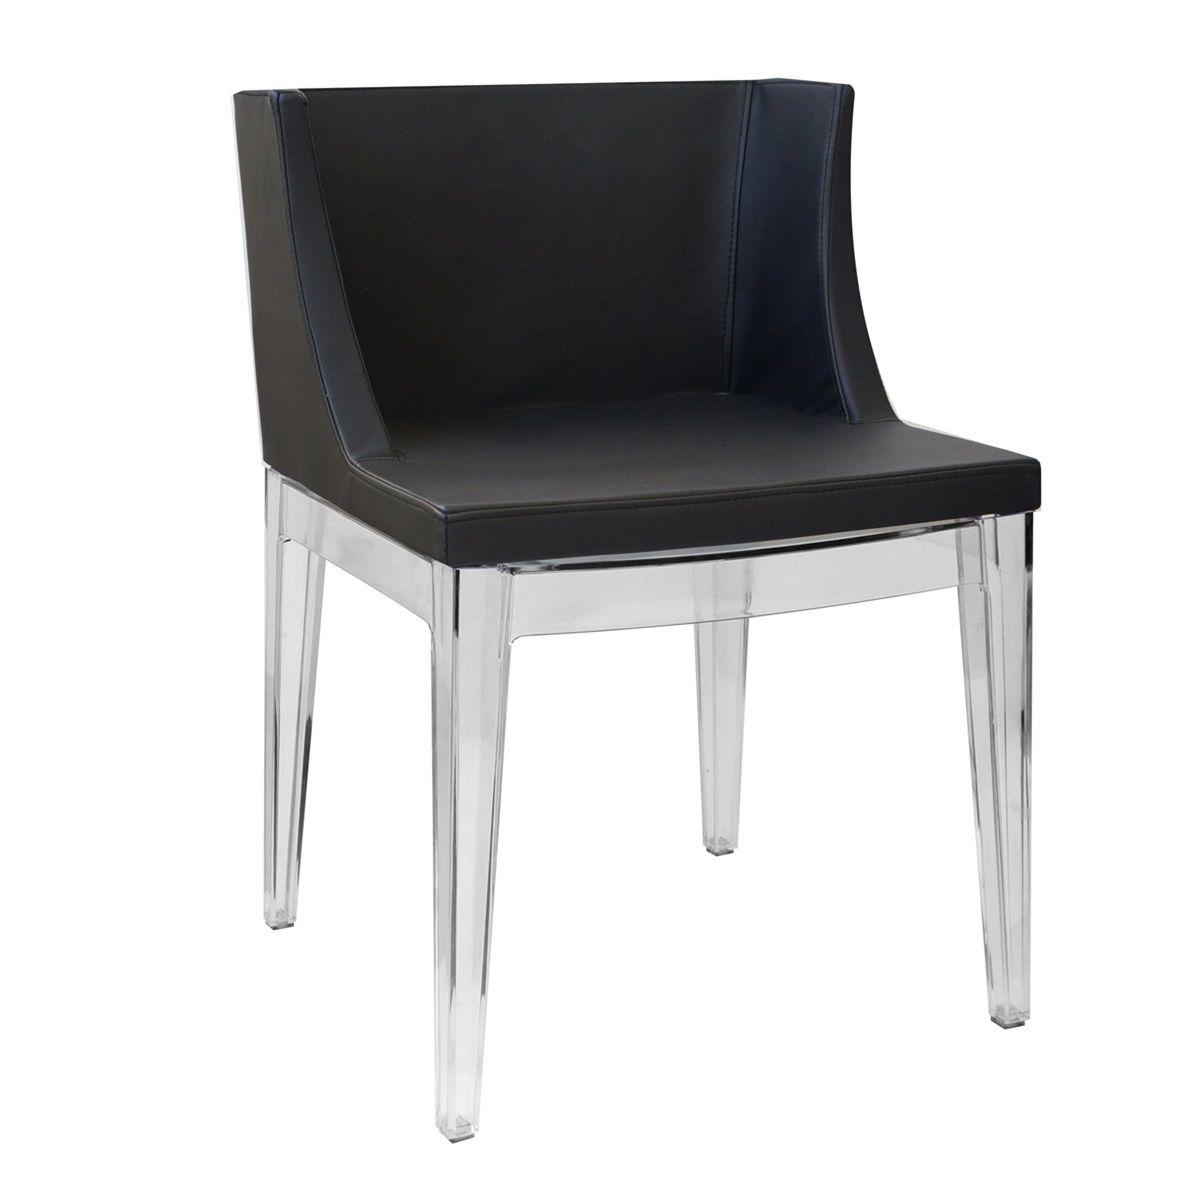 Cadeira Mademoiselle Senhorita Christie Base em Policarbonato Transparente